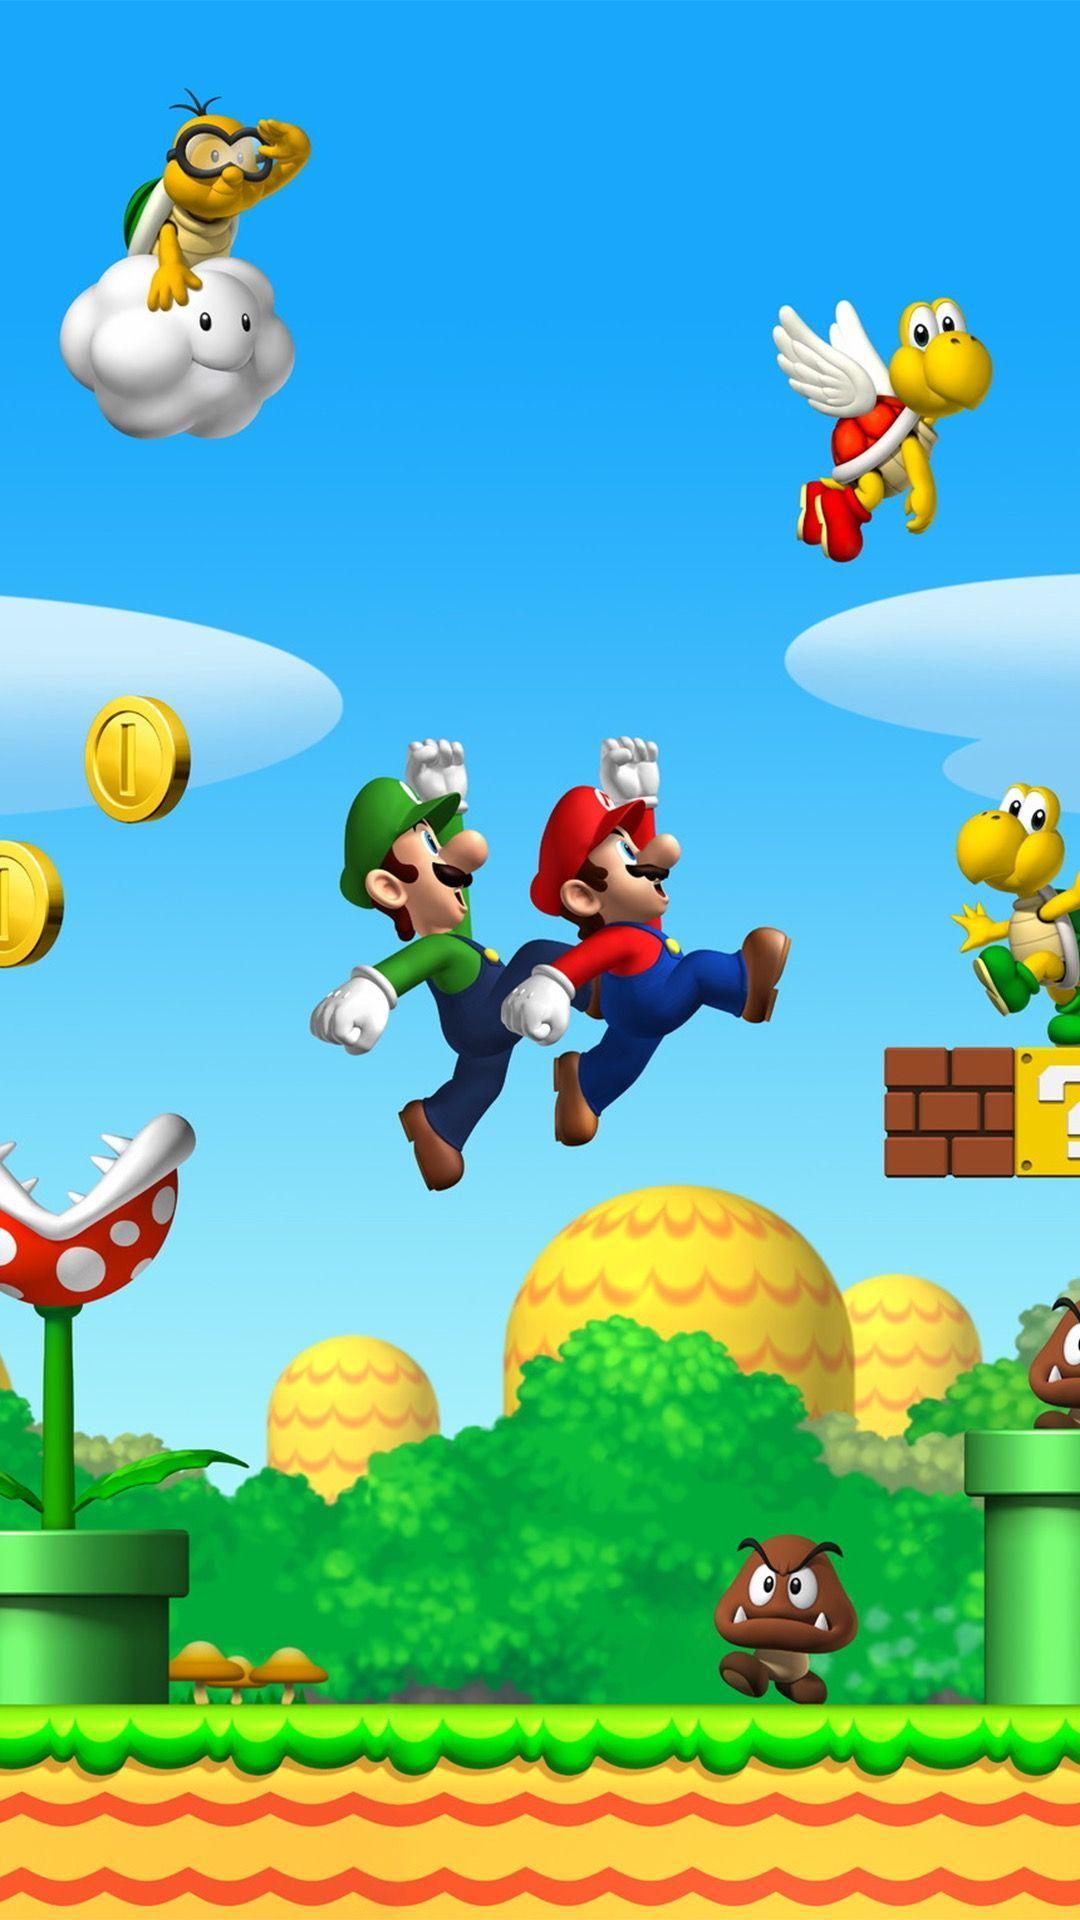 8 Bit Mario Iphone Background Super Mario Art Mario Mario And Luigi